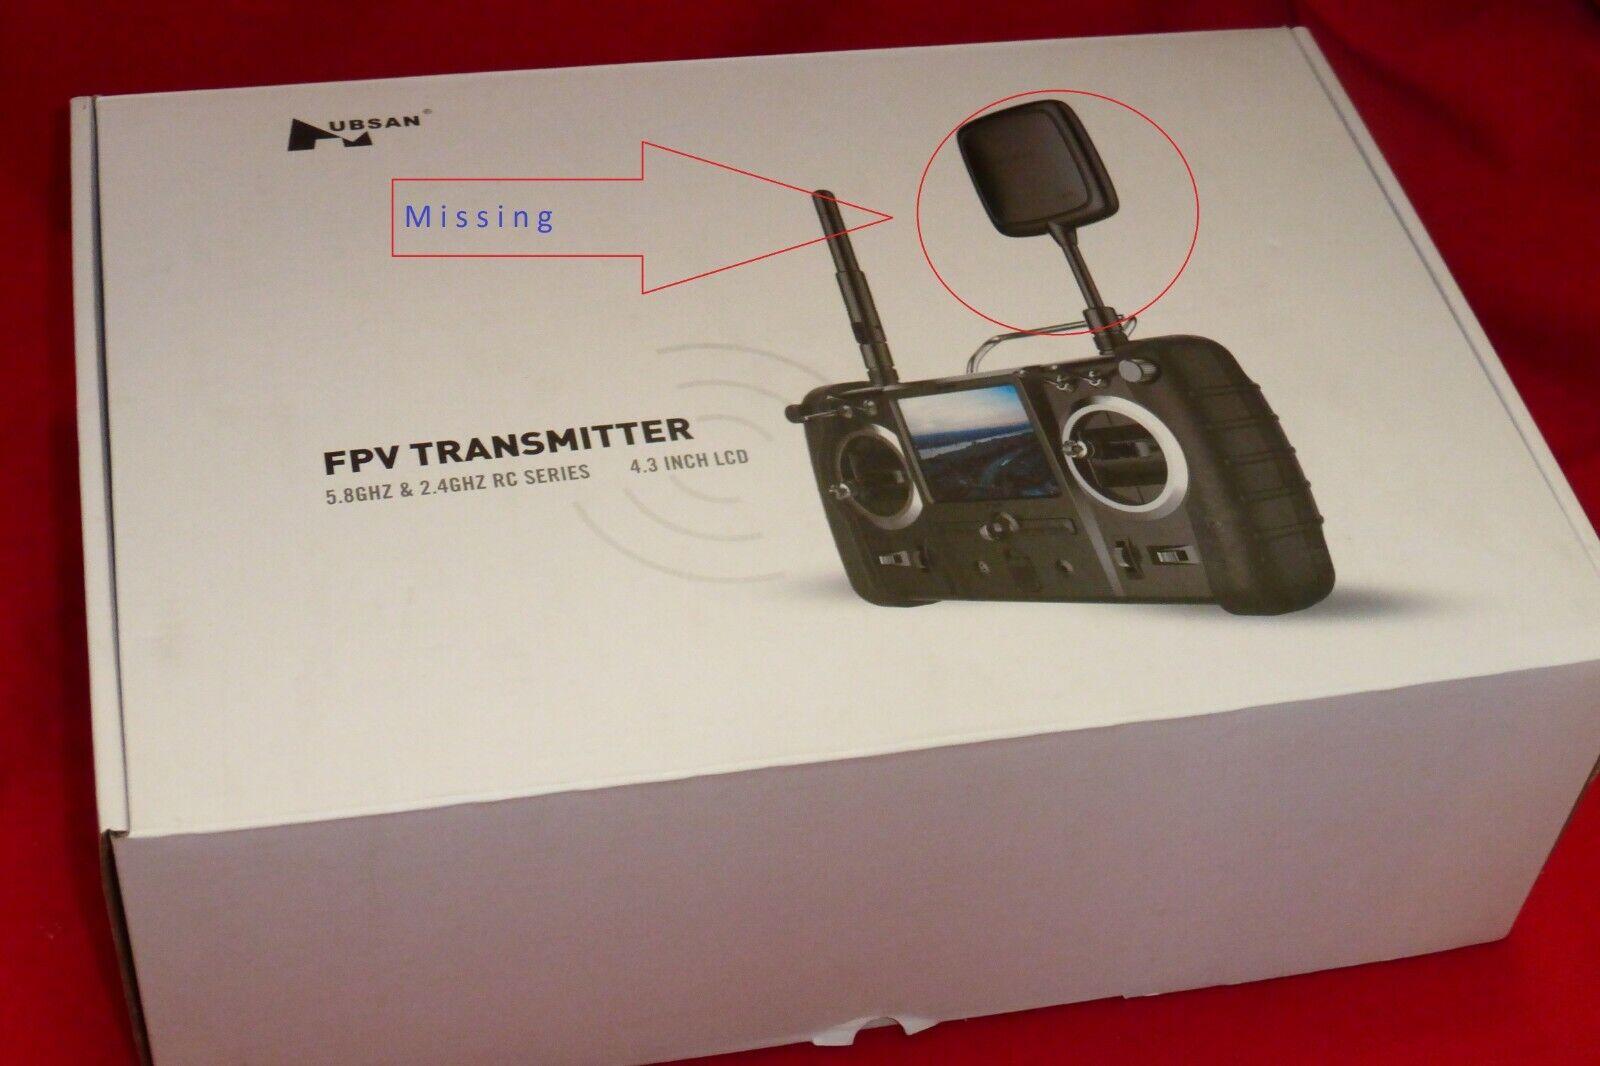 nuovo Hubsan X4 Pro  H109S Quadcopter Transmitter Remote Controller w Parachute Kit  elementi di novità